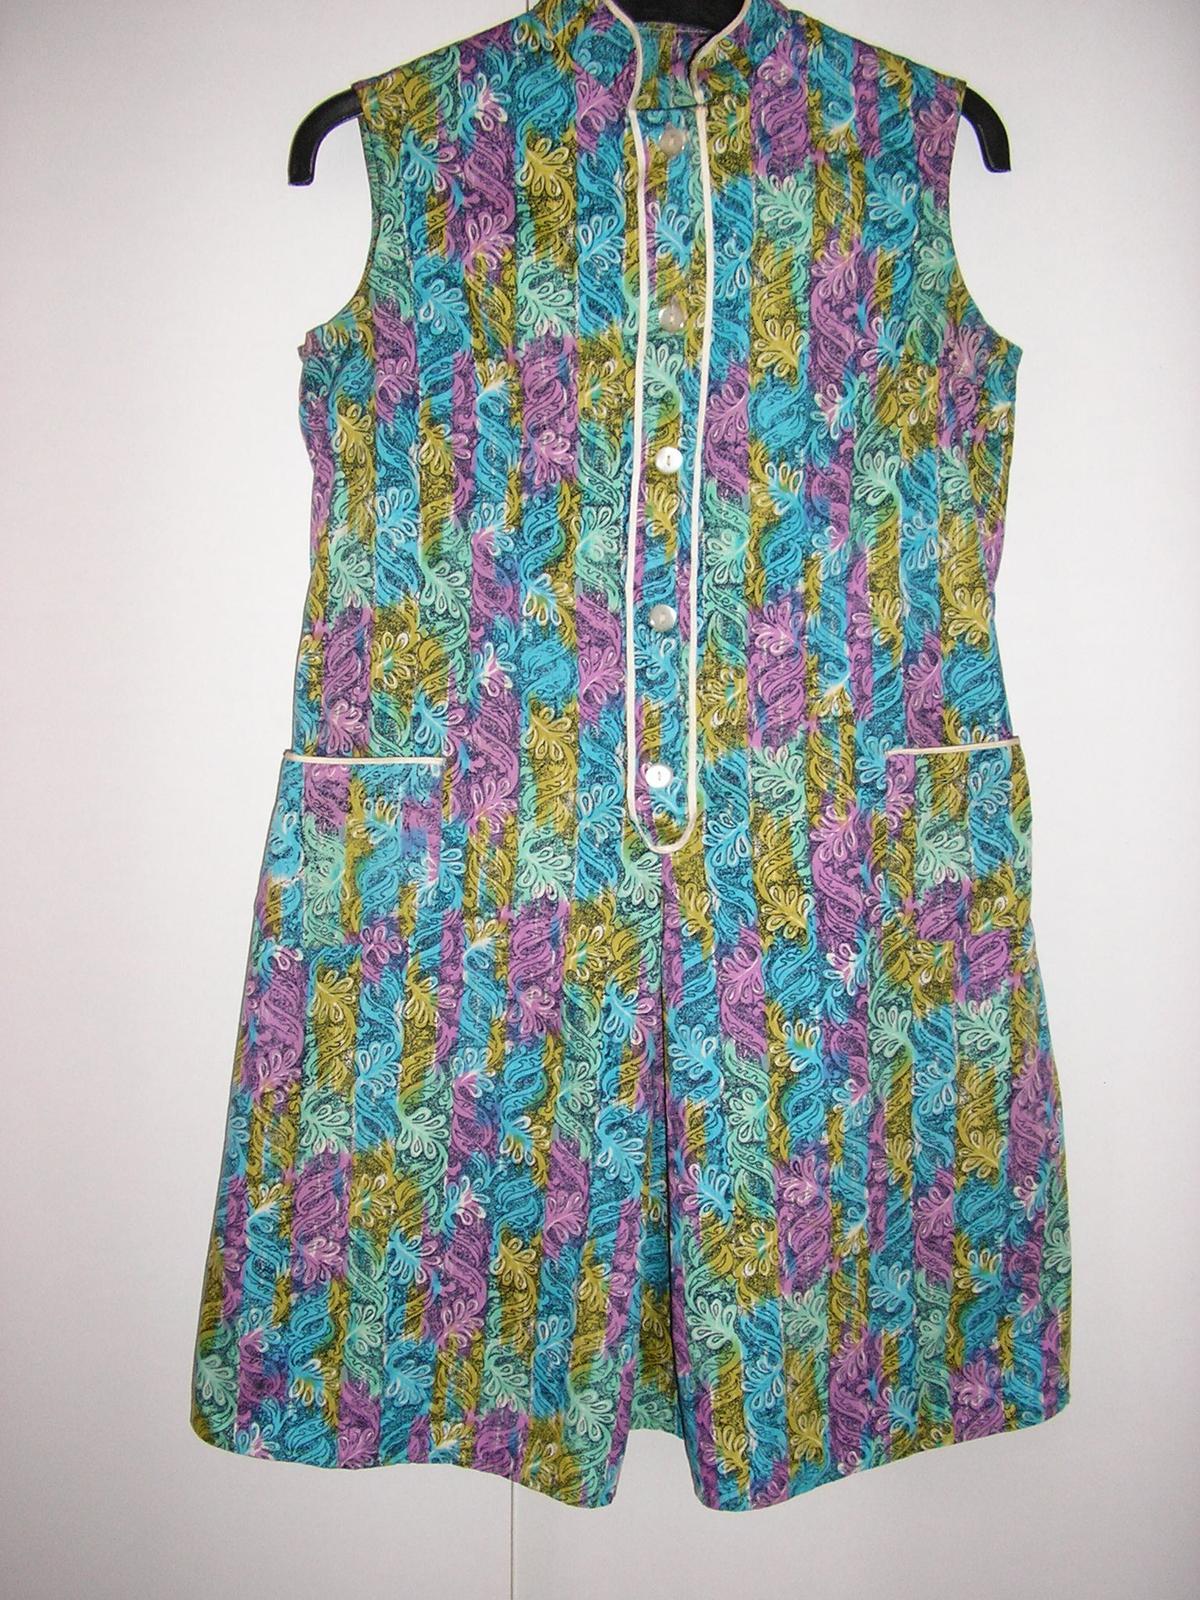 810. Vzorované šaty - Obrázok č. 2